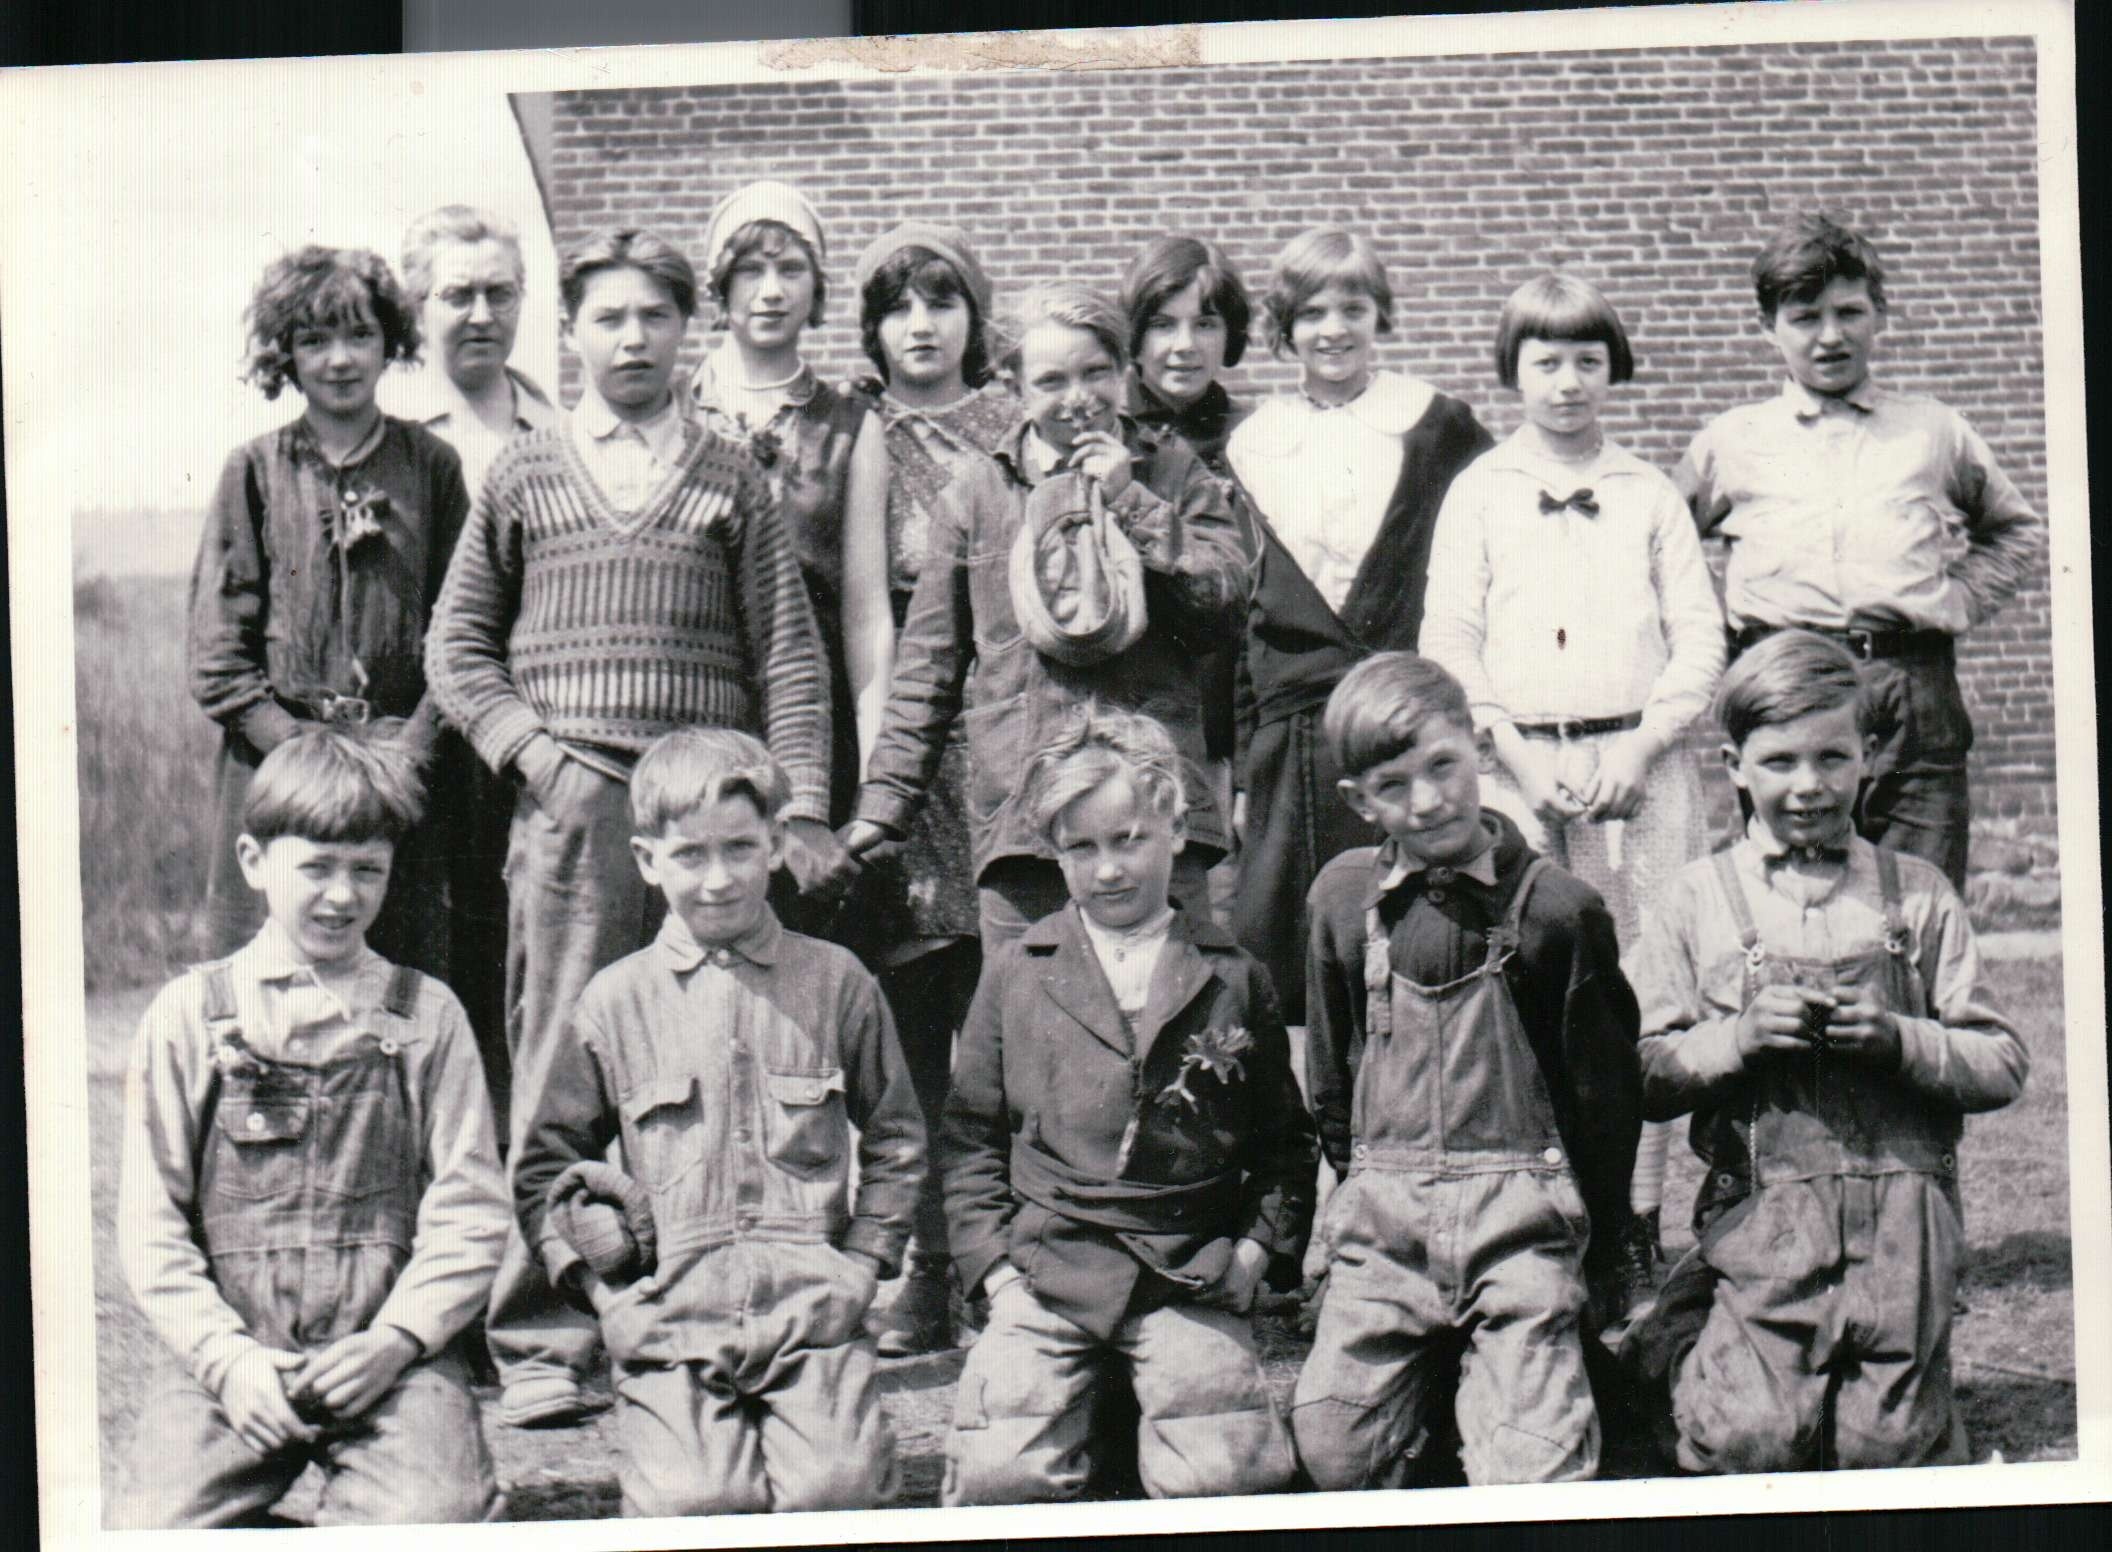 Mill School in Penn Township